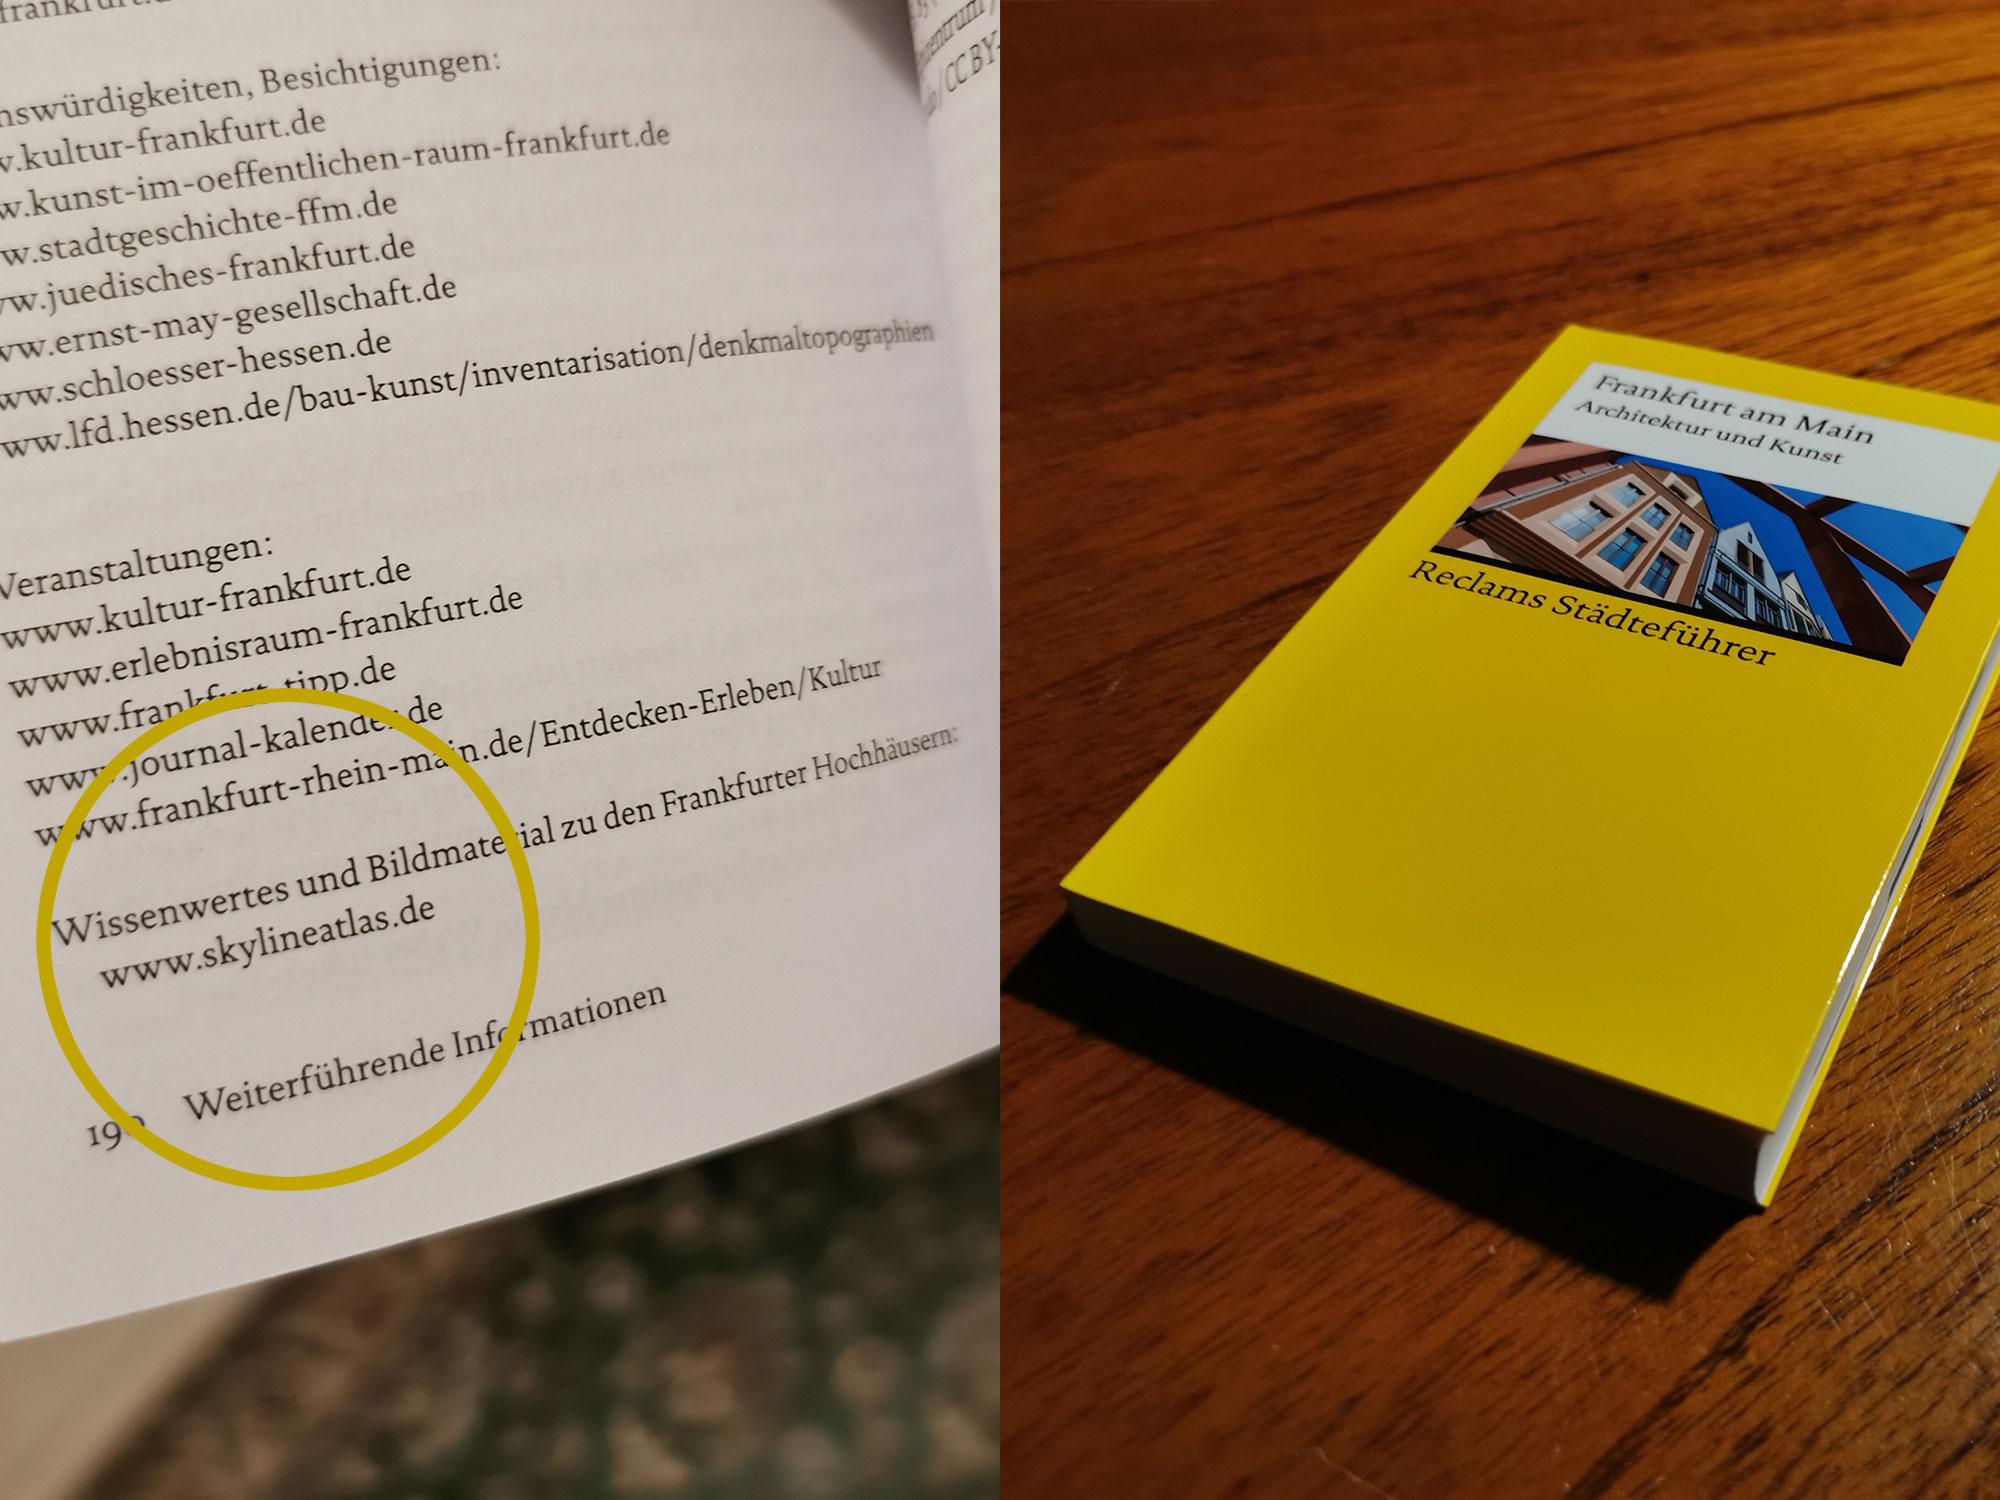 Reclams Städteführer Frankfurt am Main - Architektur und Kunst - Stadtführer - Buch - Taschenbuch - erschienen im Herbst 2020